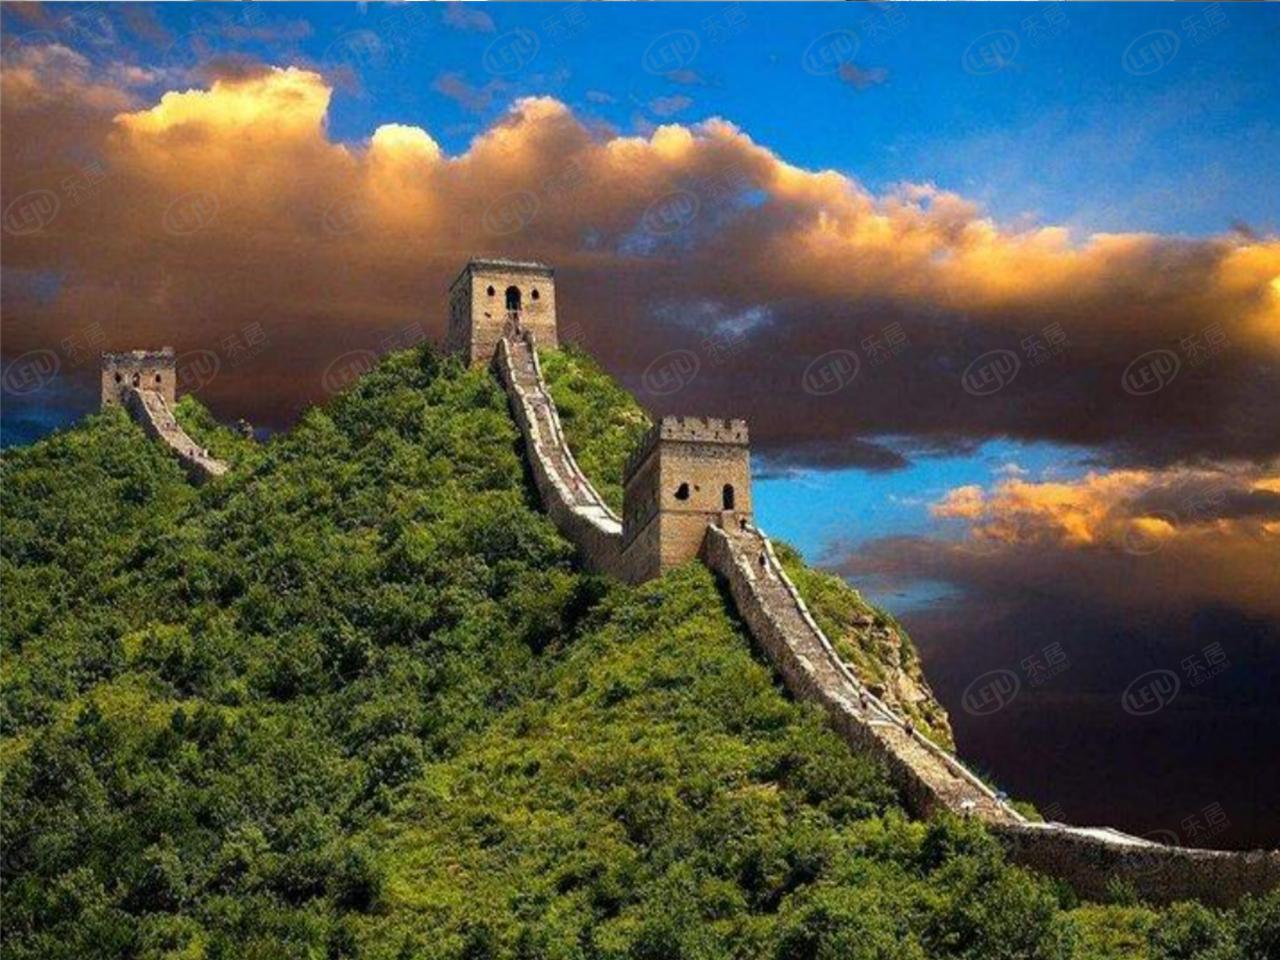 滦平县长城脚下坐望山,位于古北水镇司马台长城北。